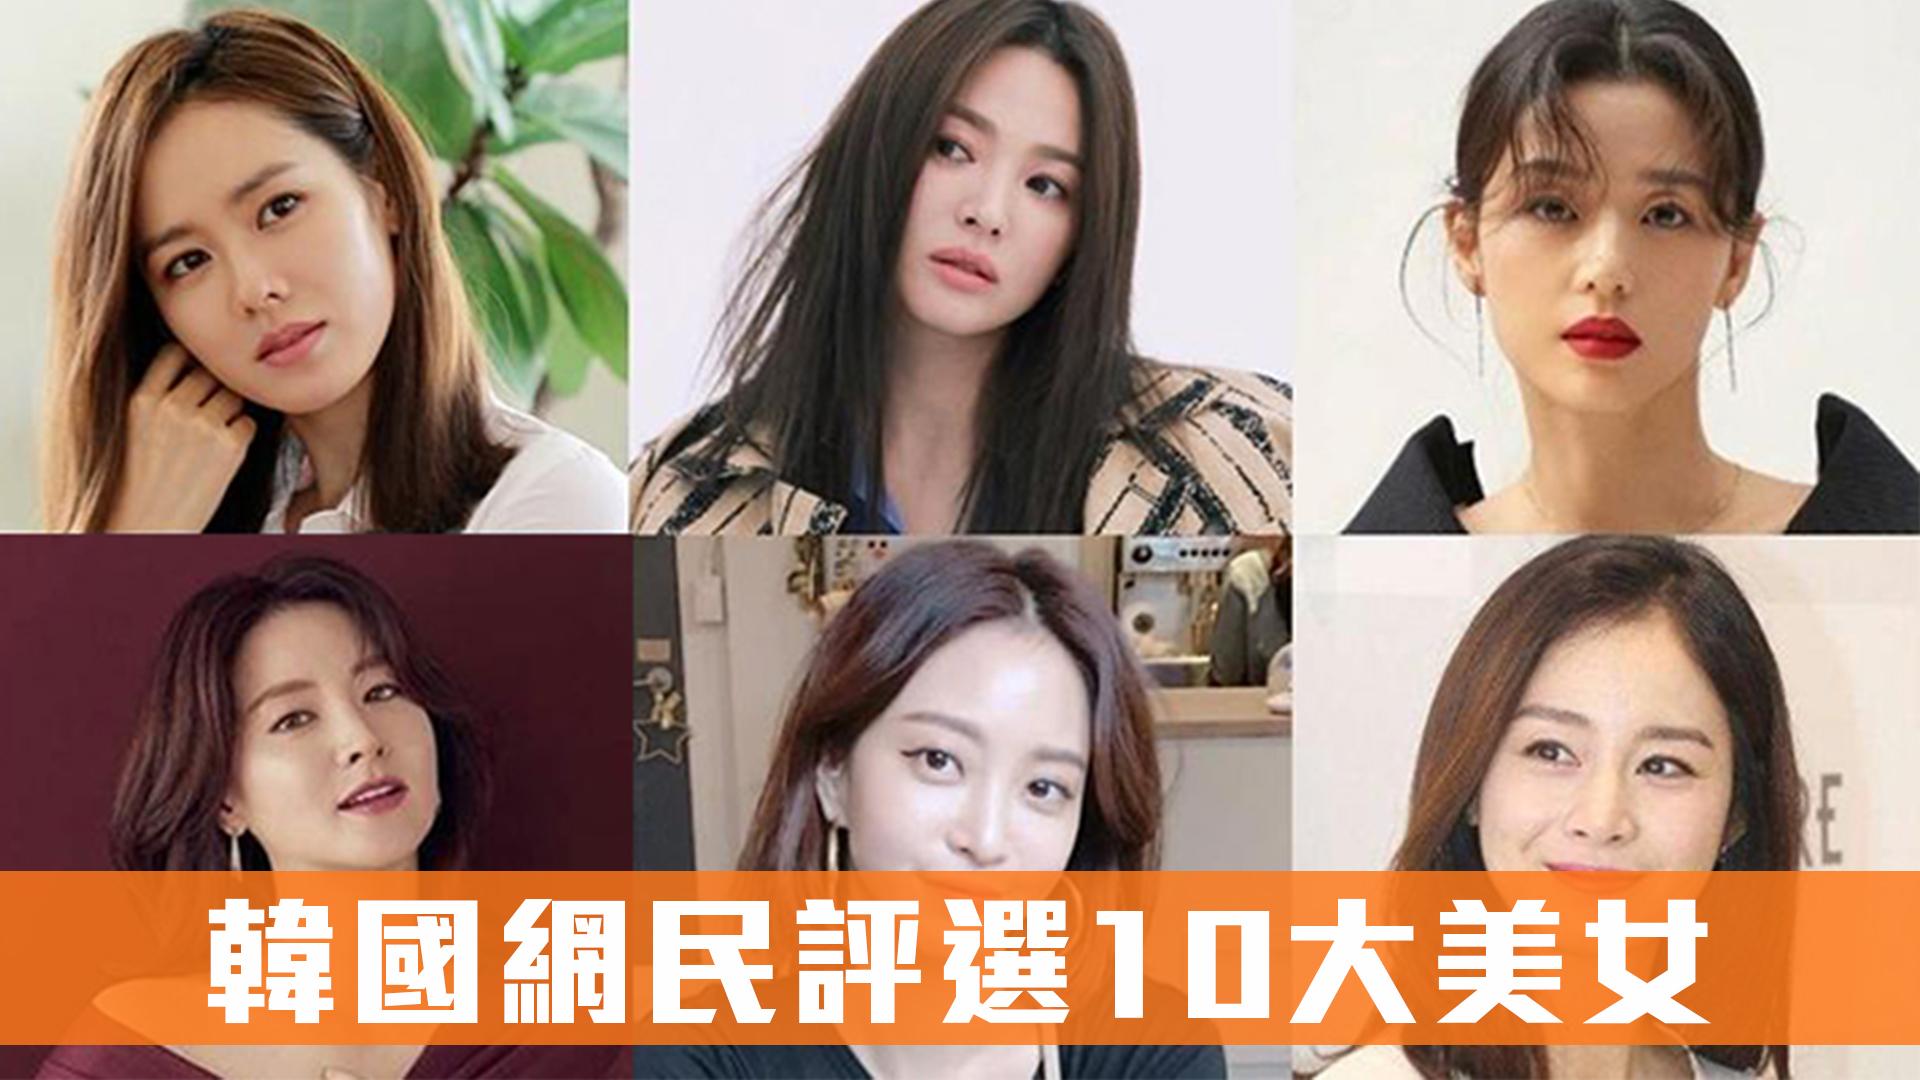 【名單瘋傳】韓國網民評選10大美女